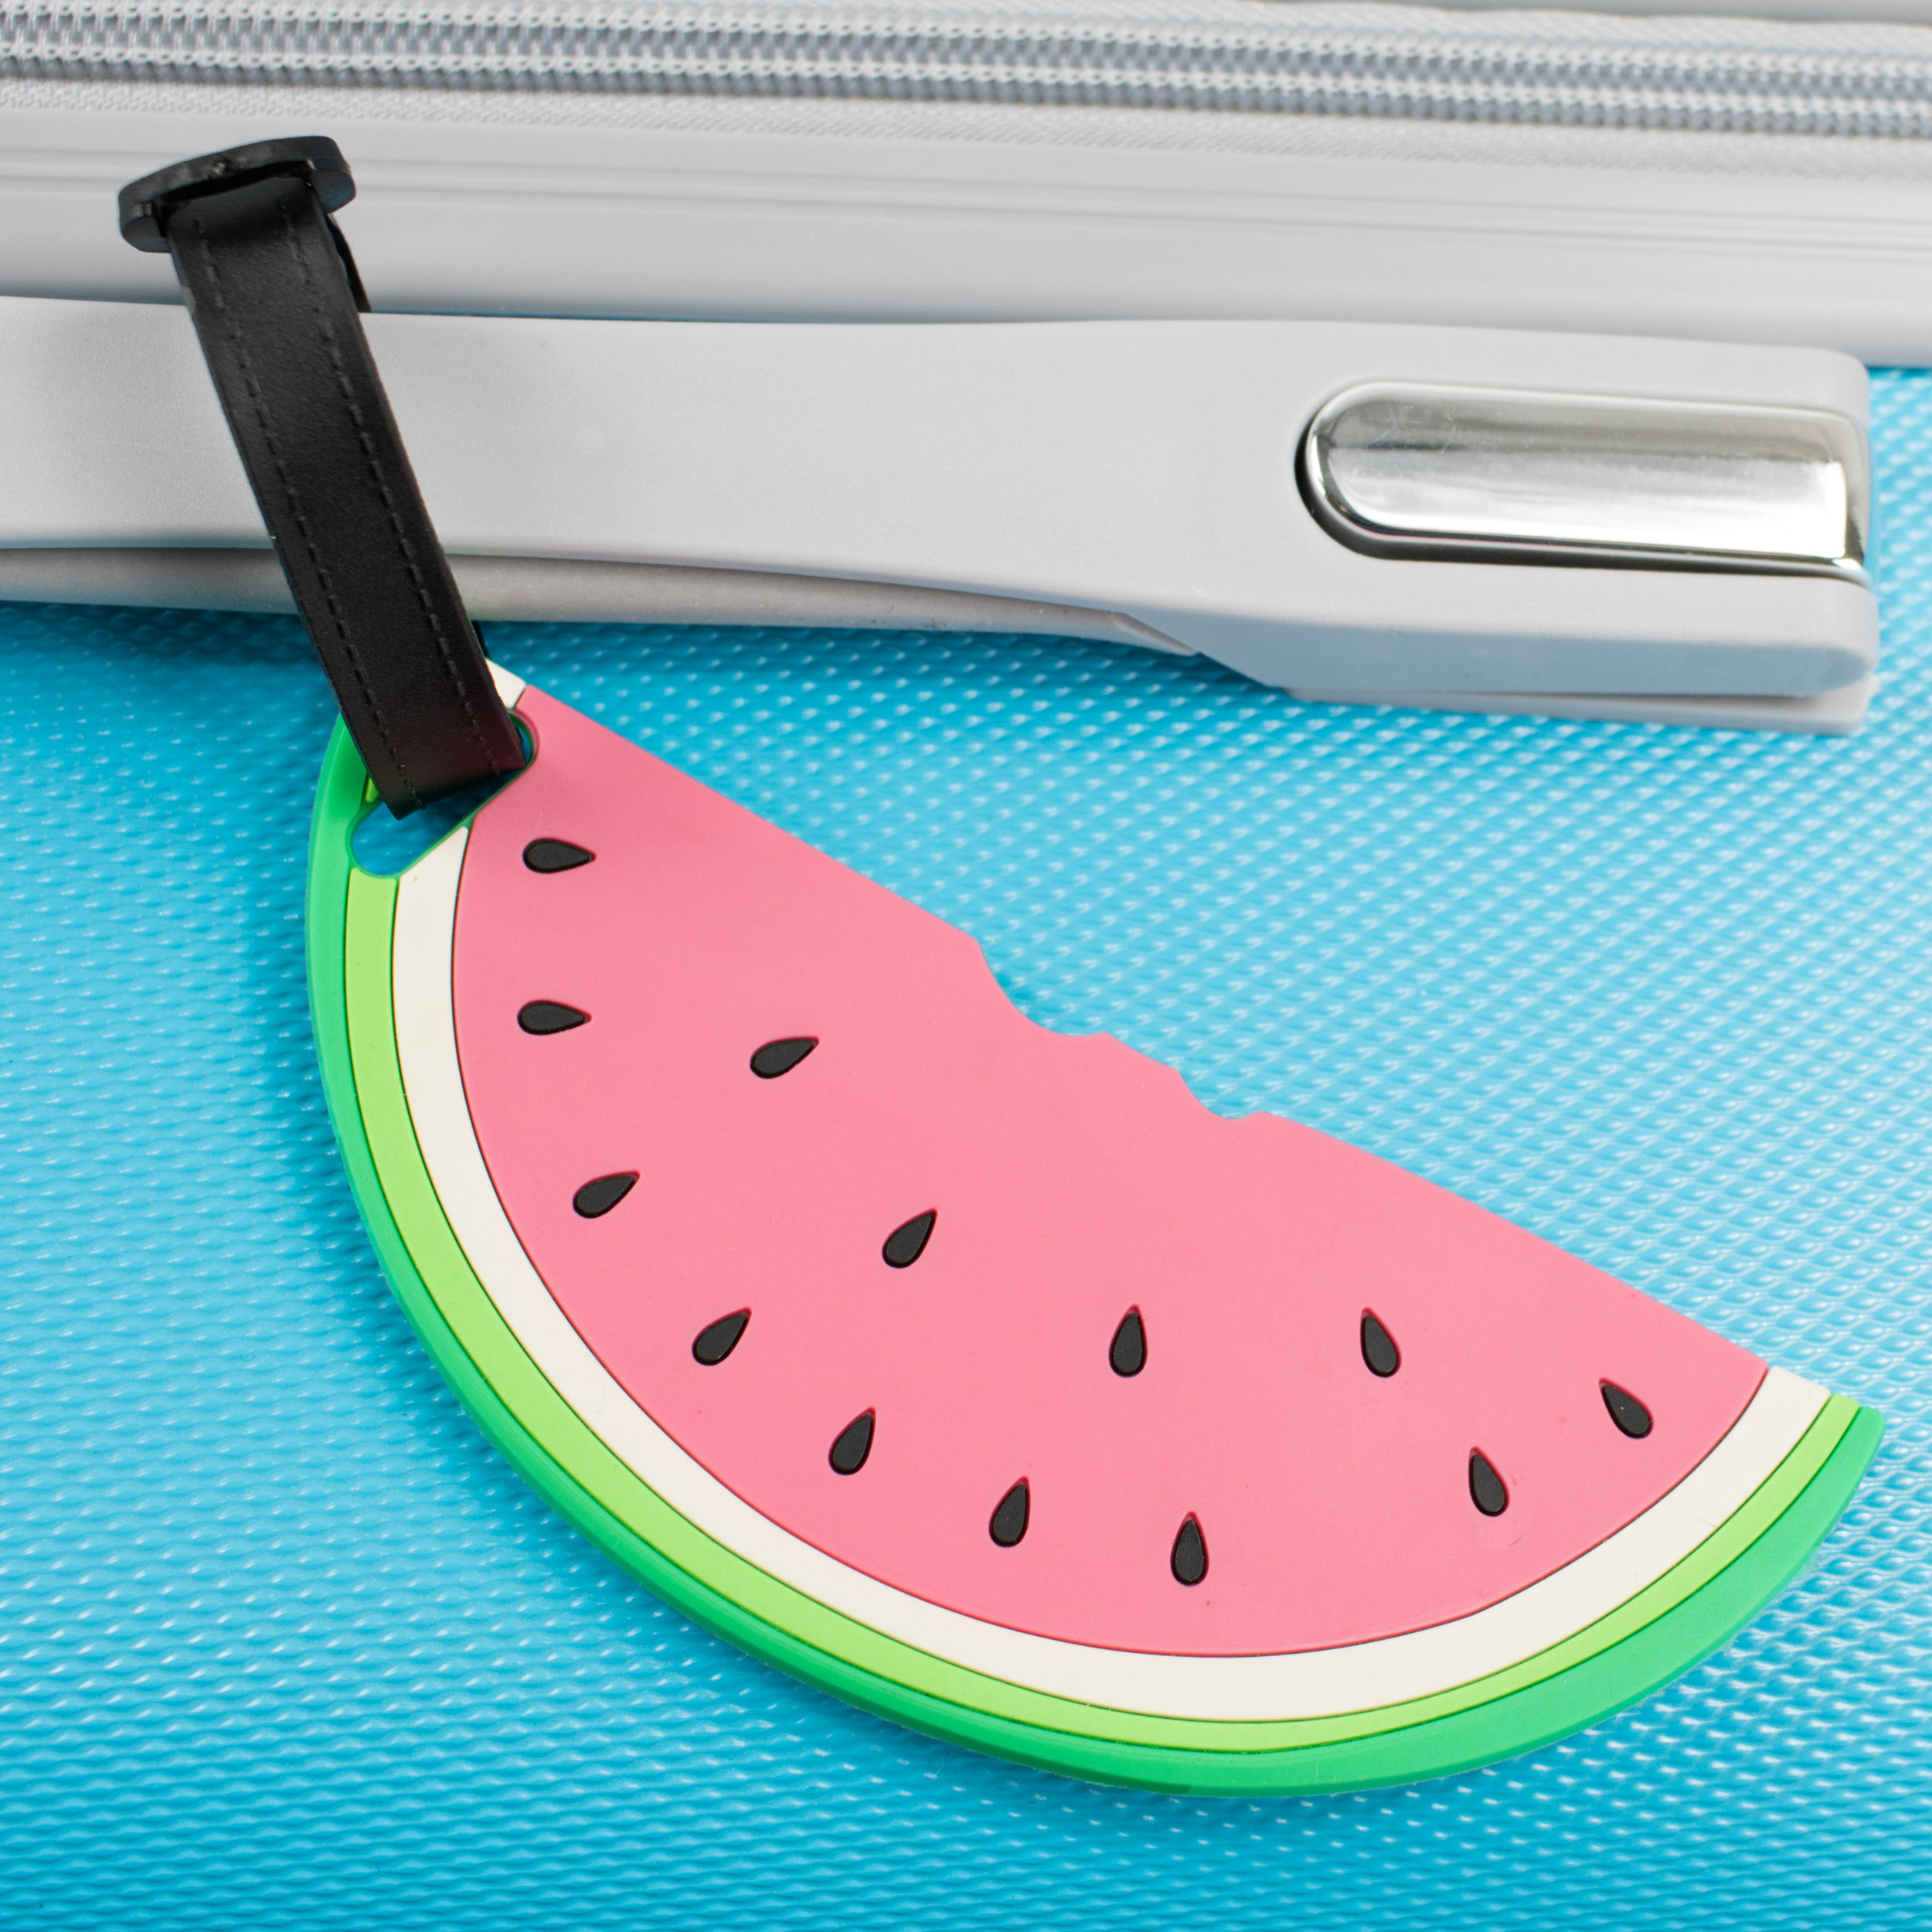 Watermelon-Luggage_ID_3000.jpg